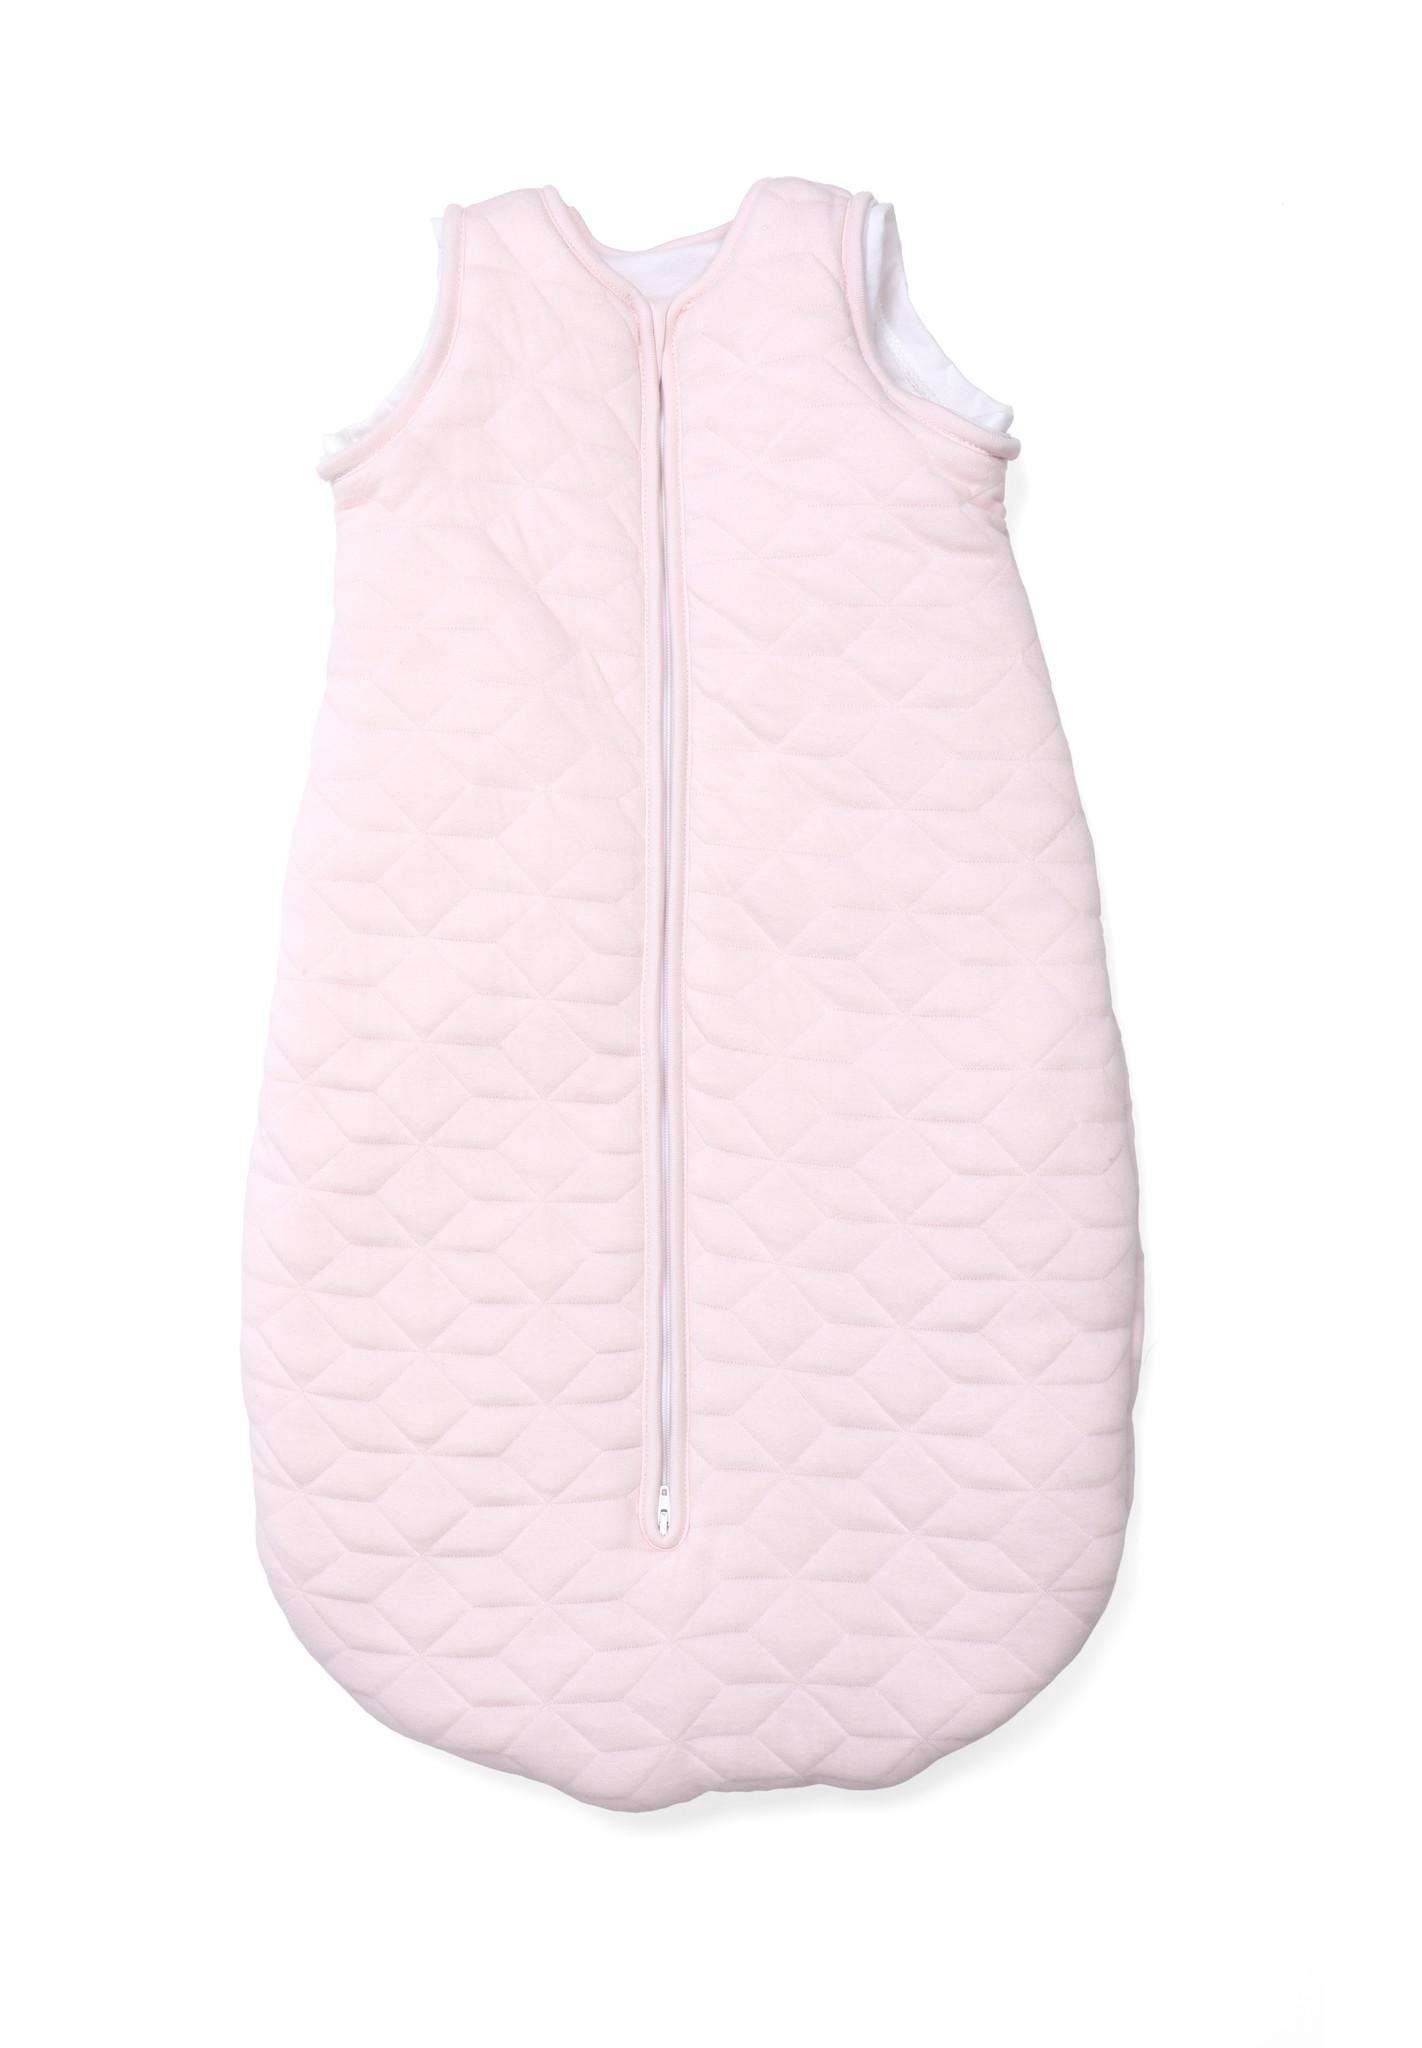 Sac de couchage en jersey 70cm avec manches détachables Star Soft Pink-4